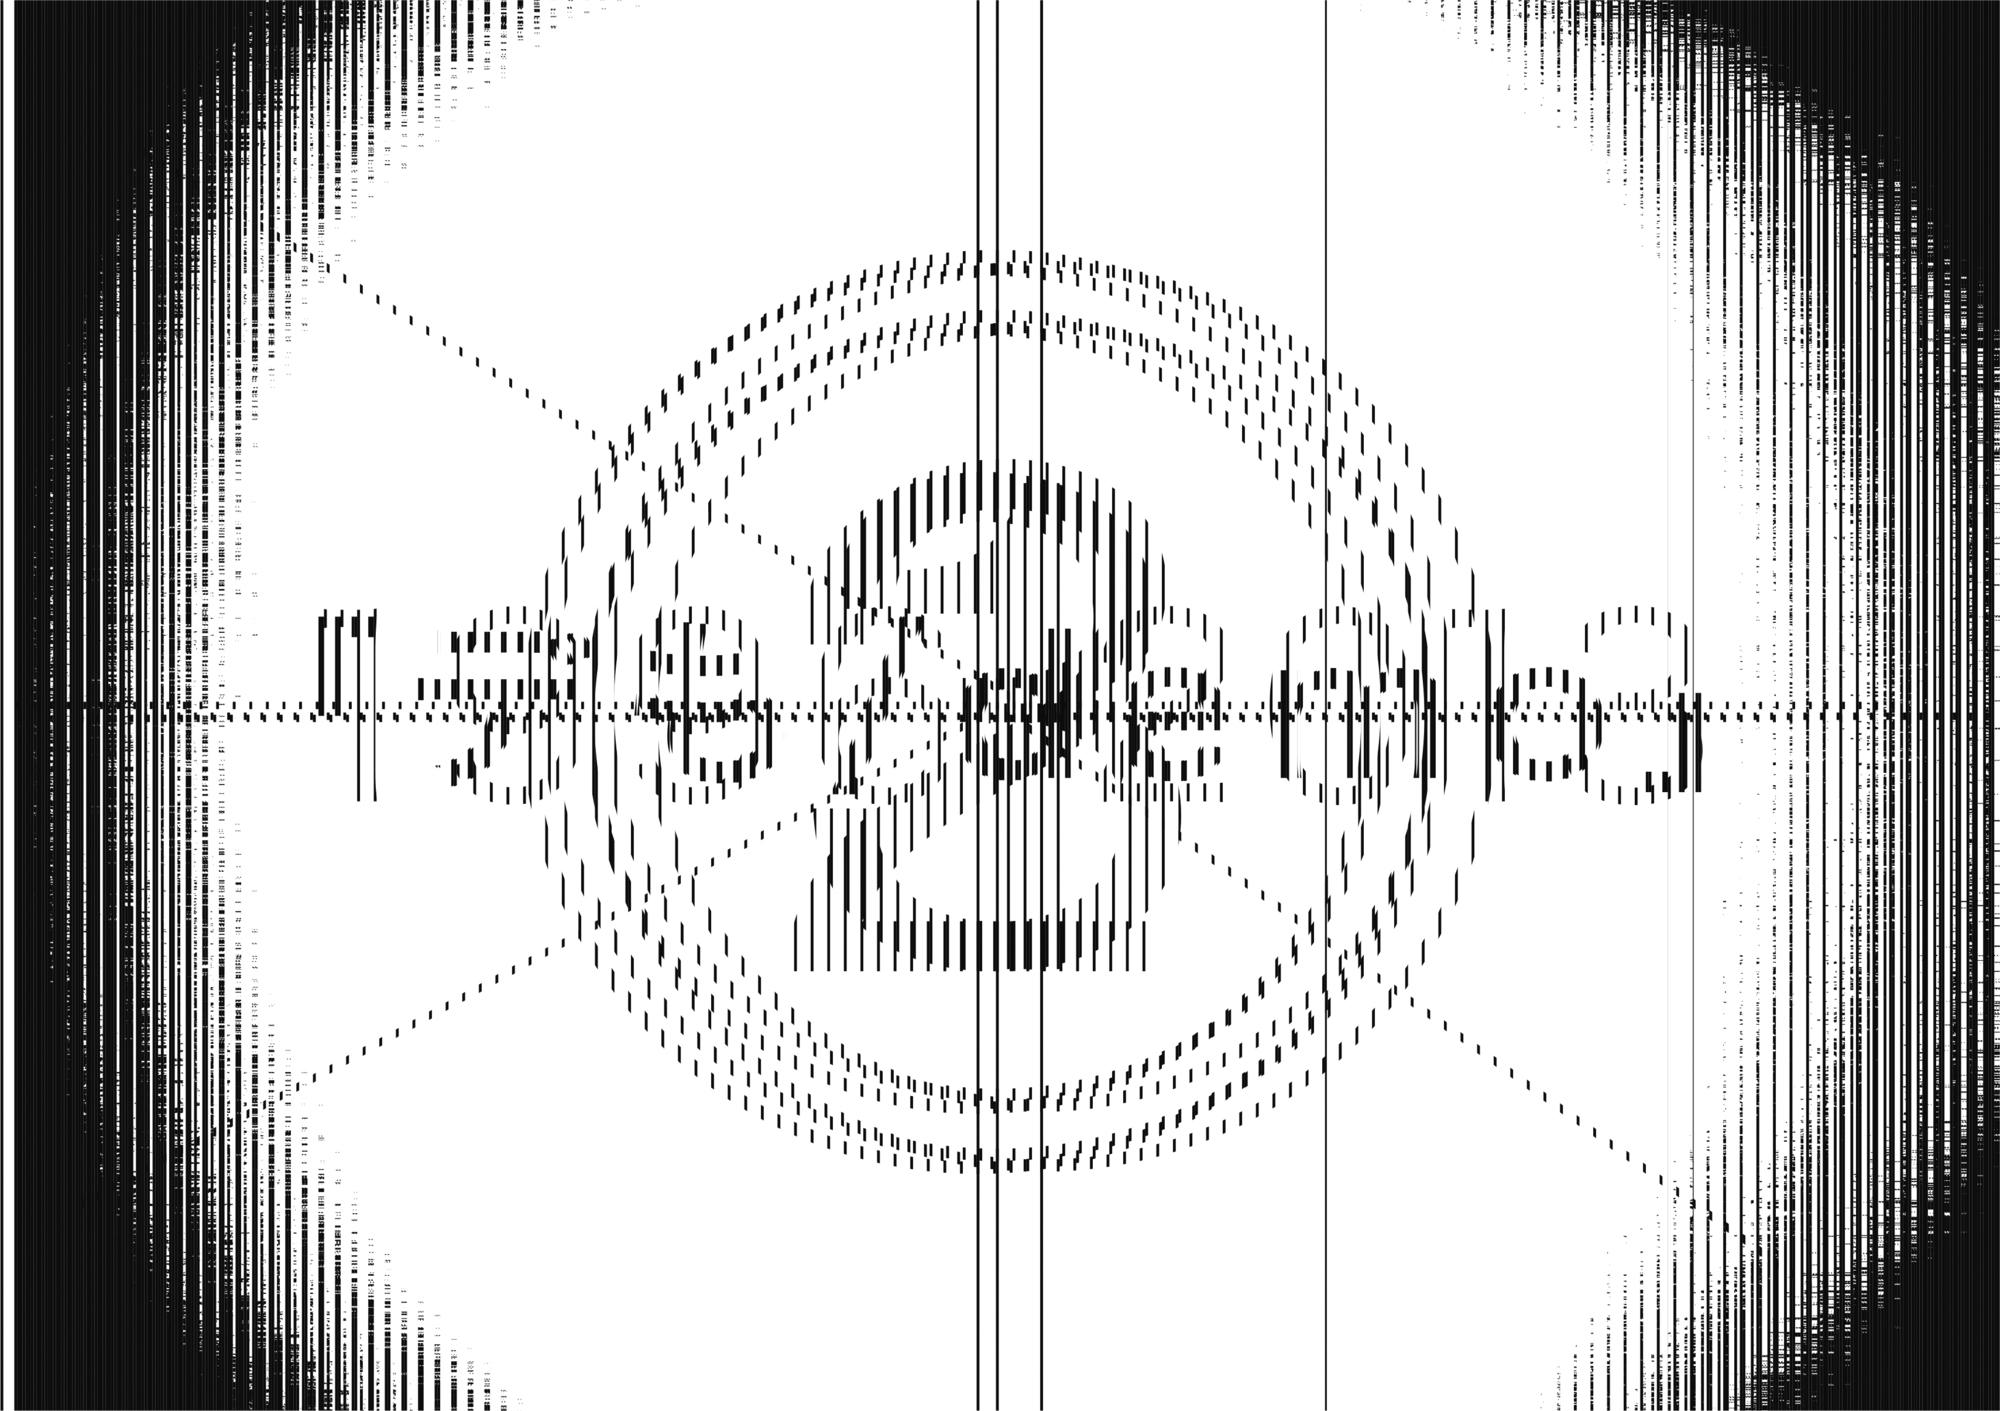 個人作品集1996-2013「デも/demo」-実験記録フィルム- 初回限定盤 (受注限定)